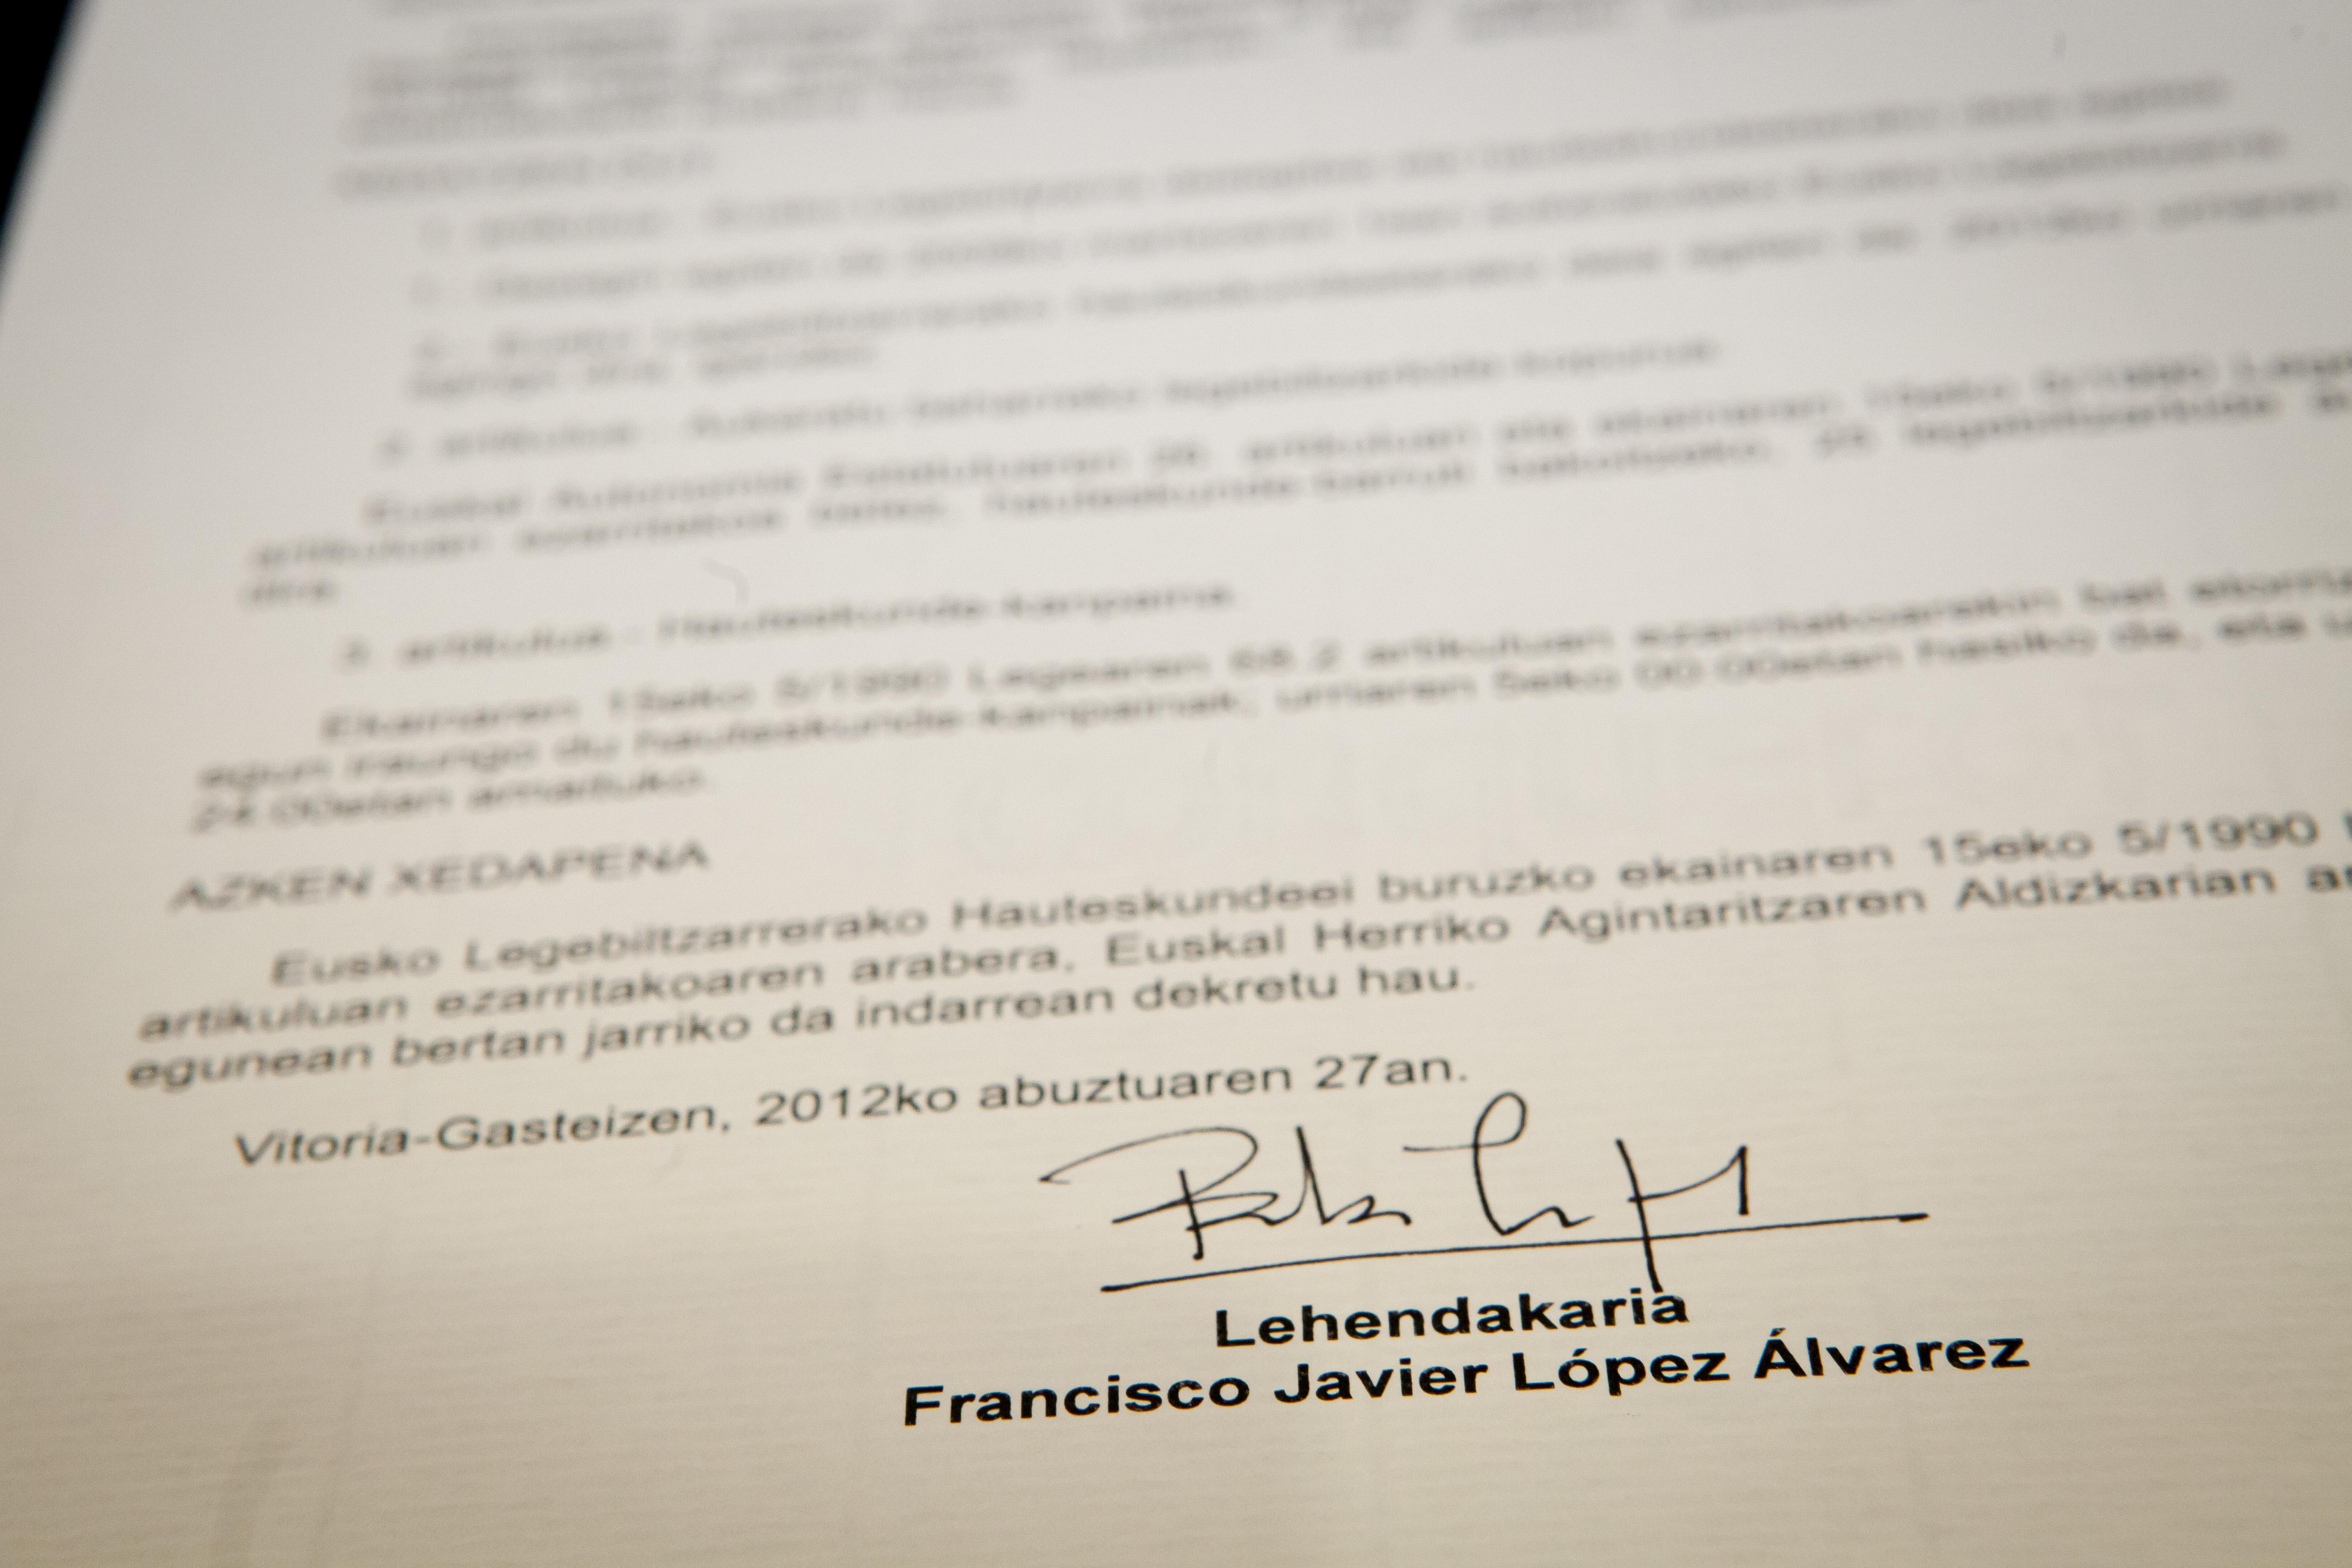 2012_08_24_elecciones_firma_13.jpg